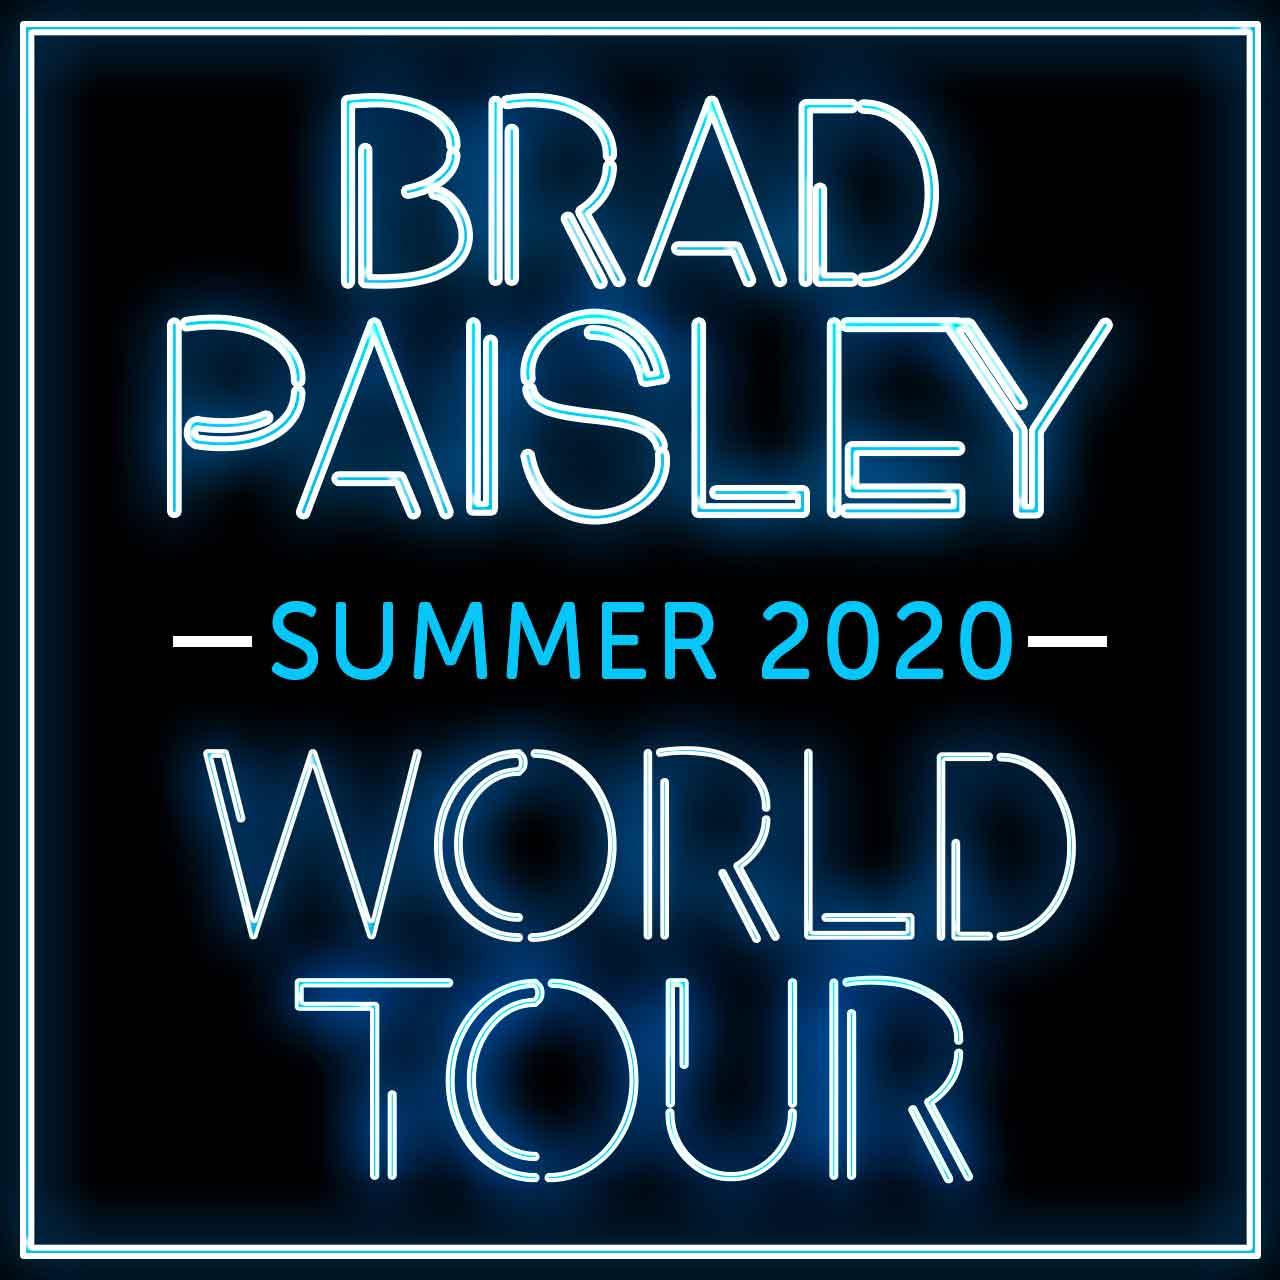 Summer 2020 World Tour